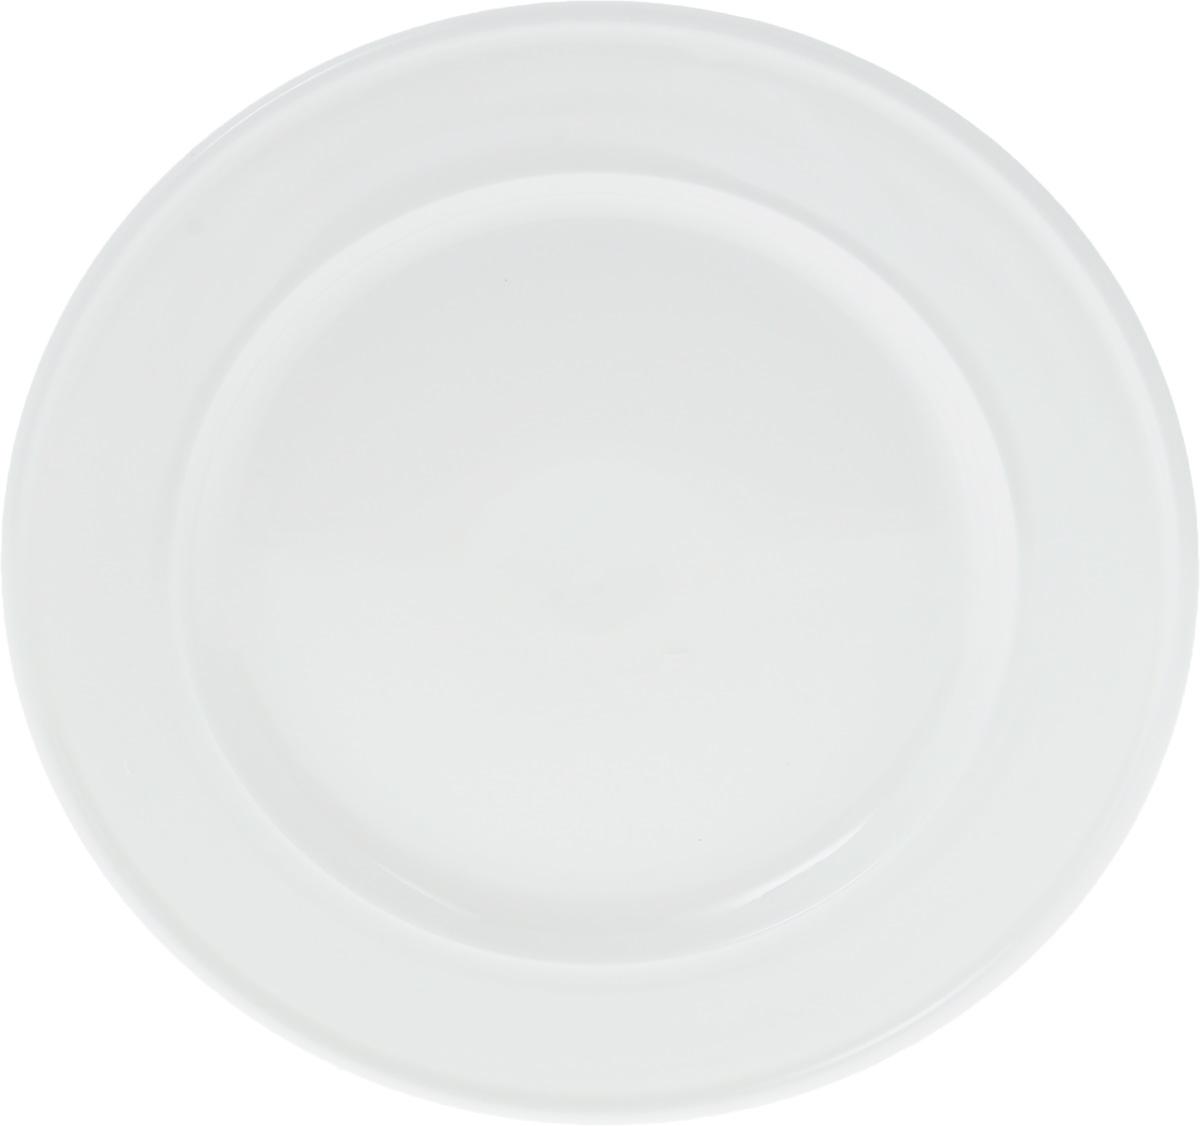 Тарелка Wilmax, диаметр 23 см. WL-991241 / A54 009312Тарелка Wilmax, изготовленная из высококачественного фарфора, имеет классическую круглую форму. Оригинальный дизайн придется по вкусу и ценителям классики, и тем, кто предпочитает утонченность и изысканность. Тарелка Wilmax идеально подойдет для сервировки стола и станет отличным подарком к любому празднику.